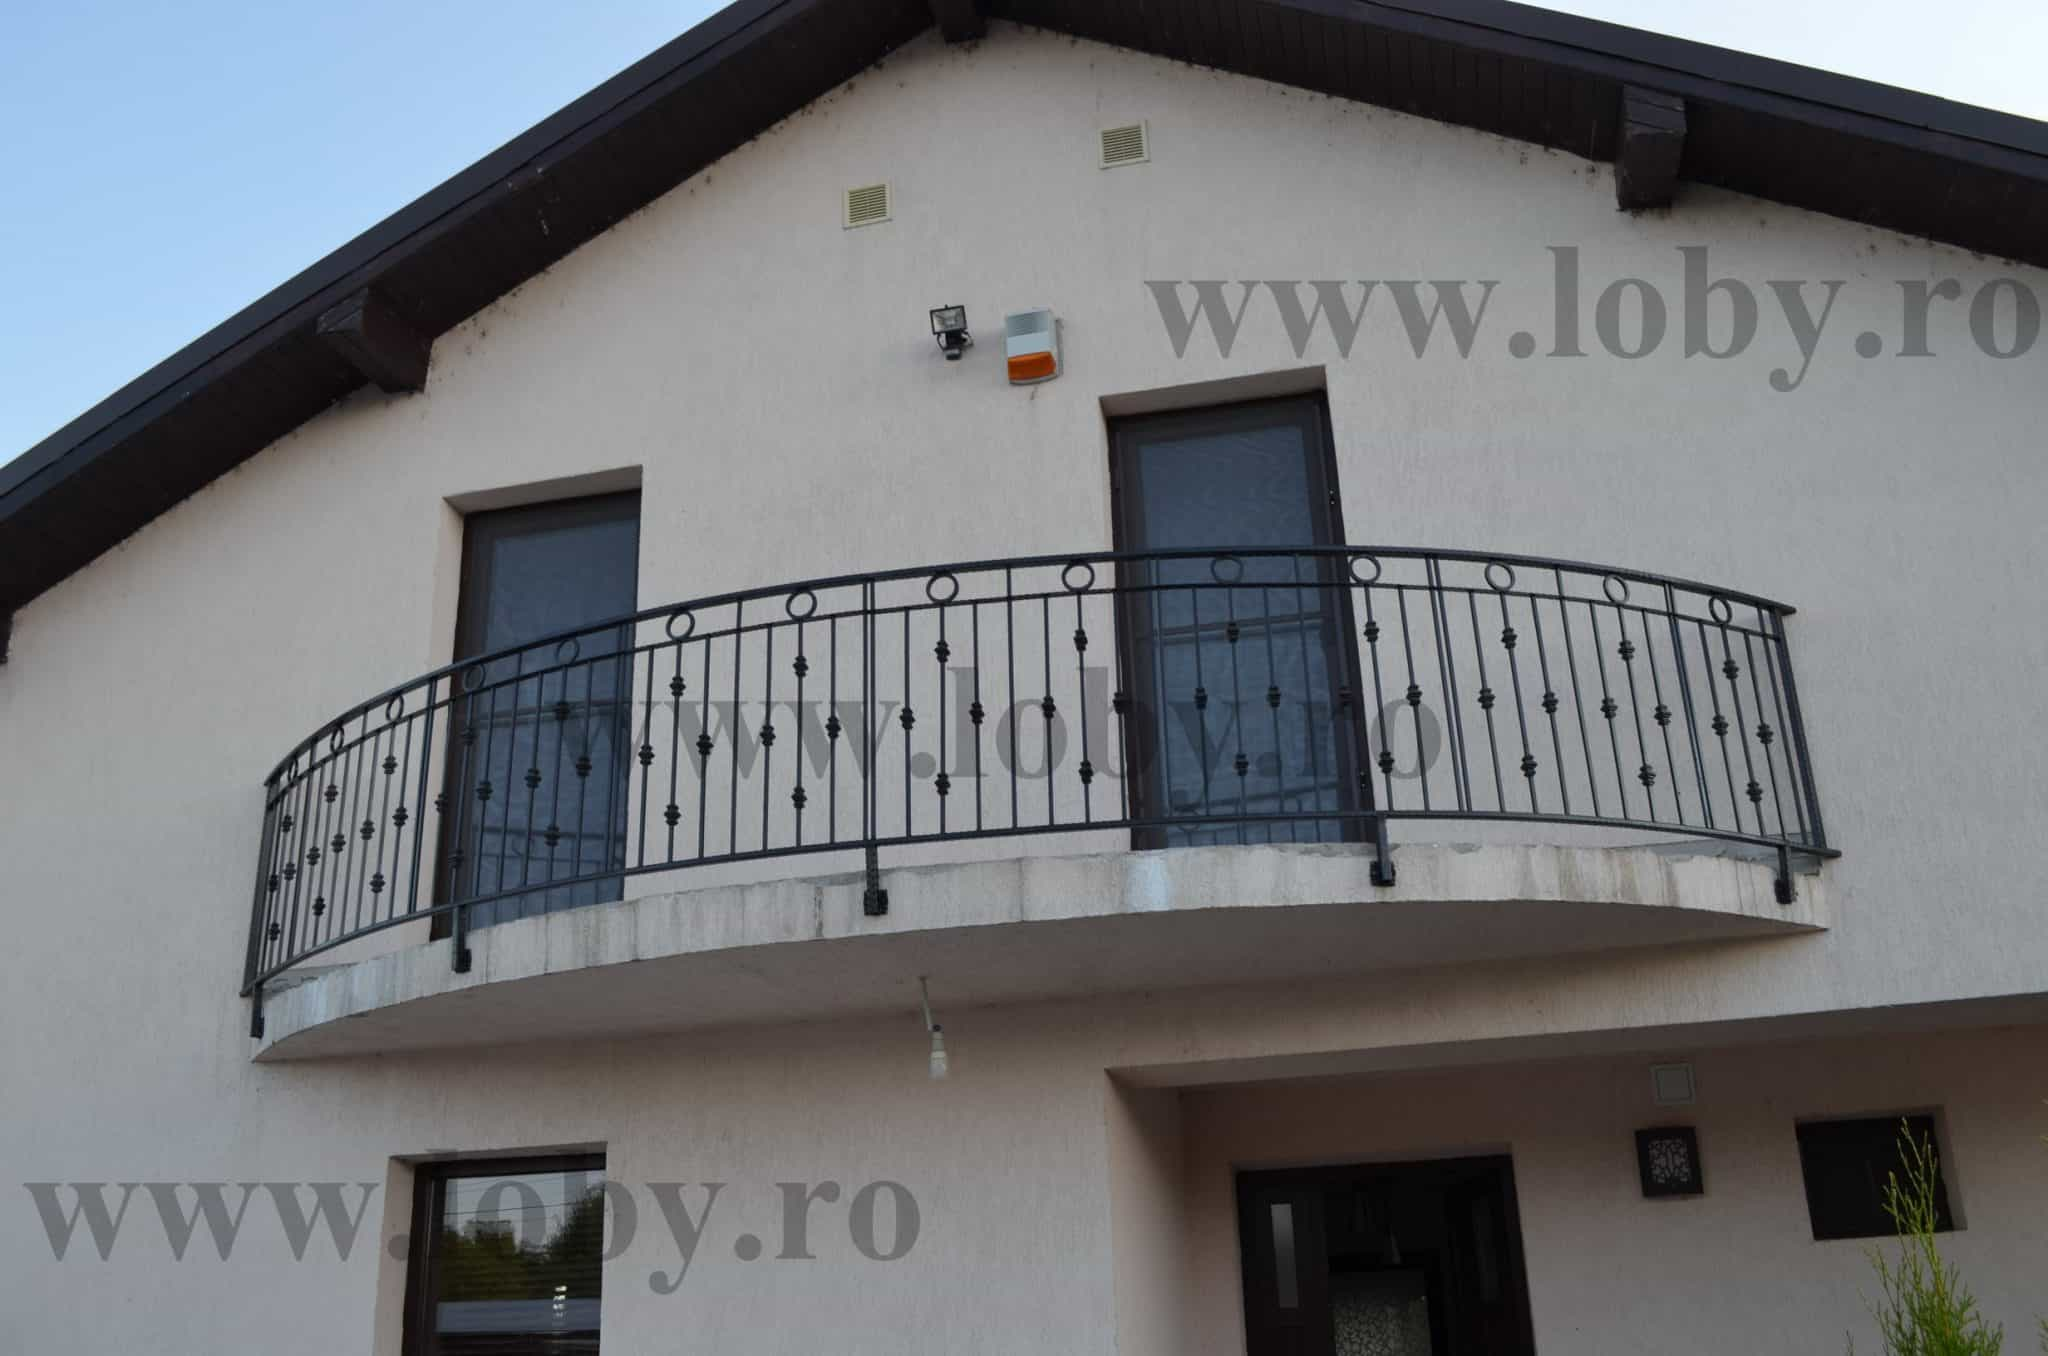 balustrada balcon fier forjat loby fier forjatloby fier. Black Bedroom Furniture Sets. Home Design Ideas